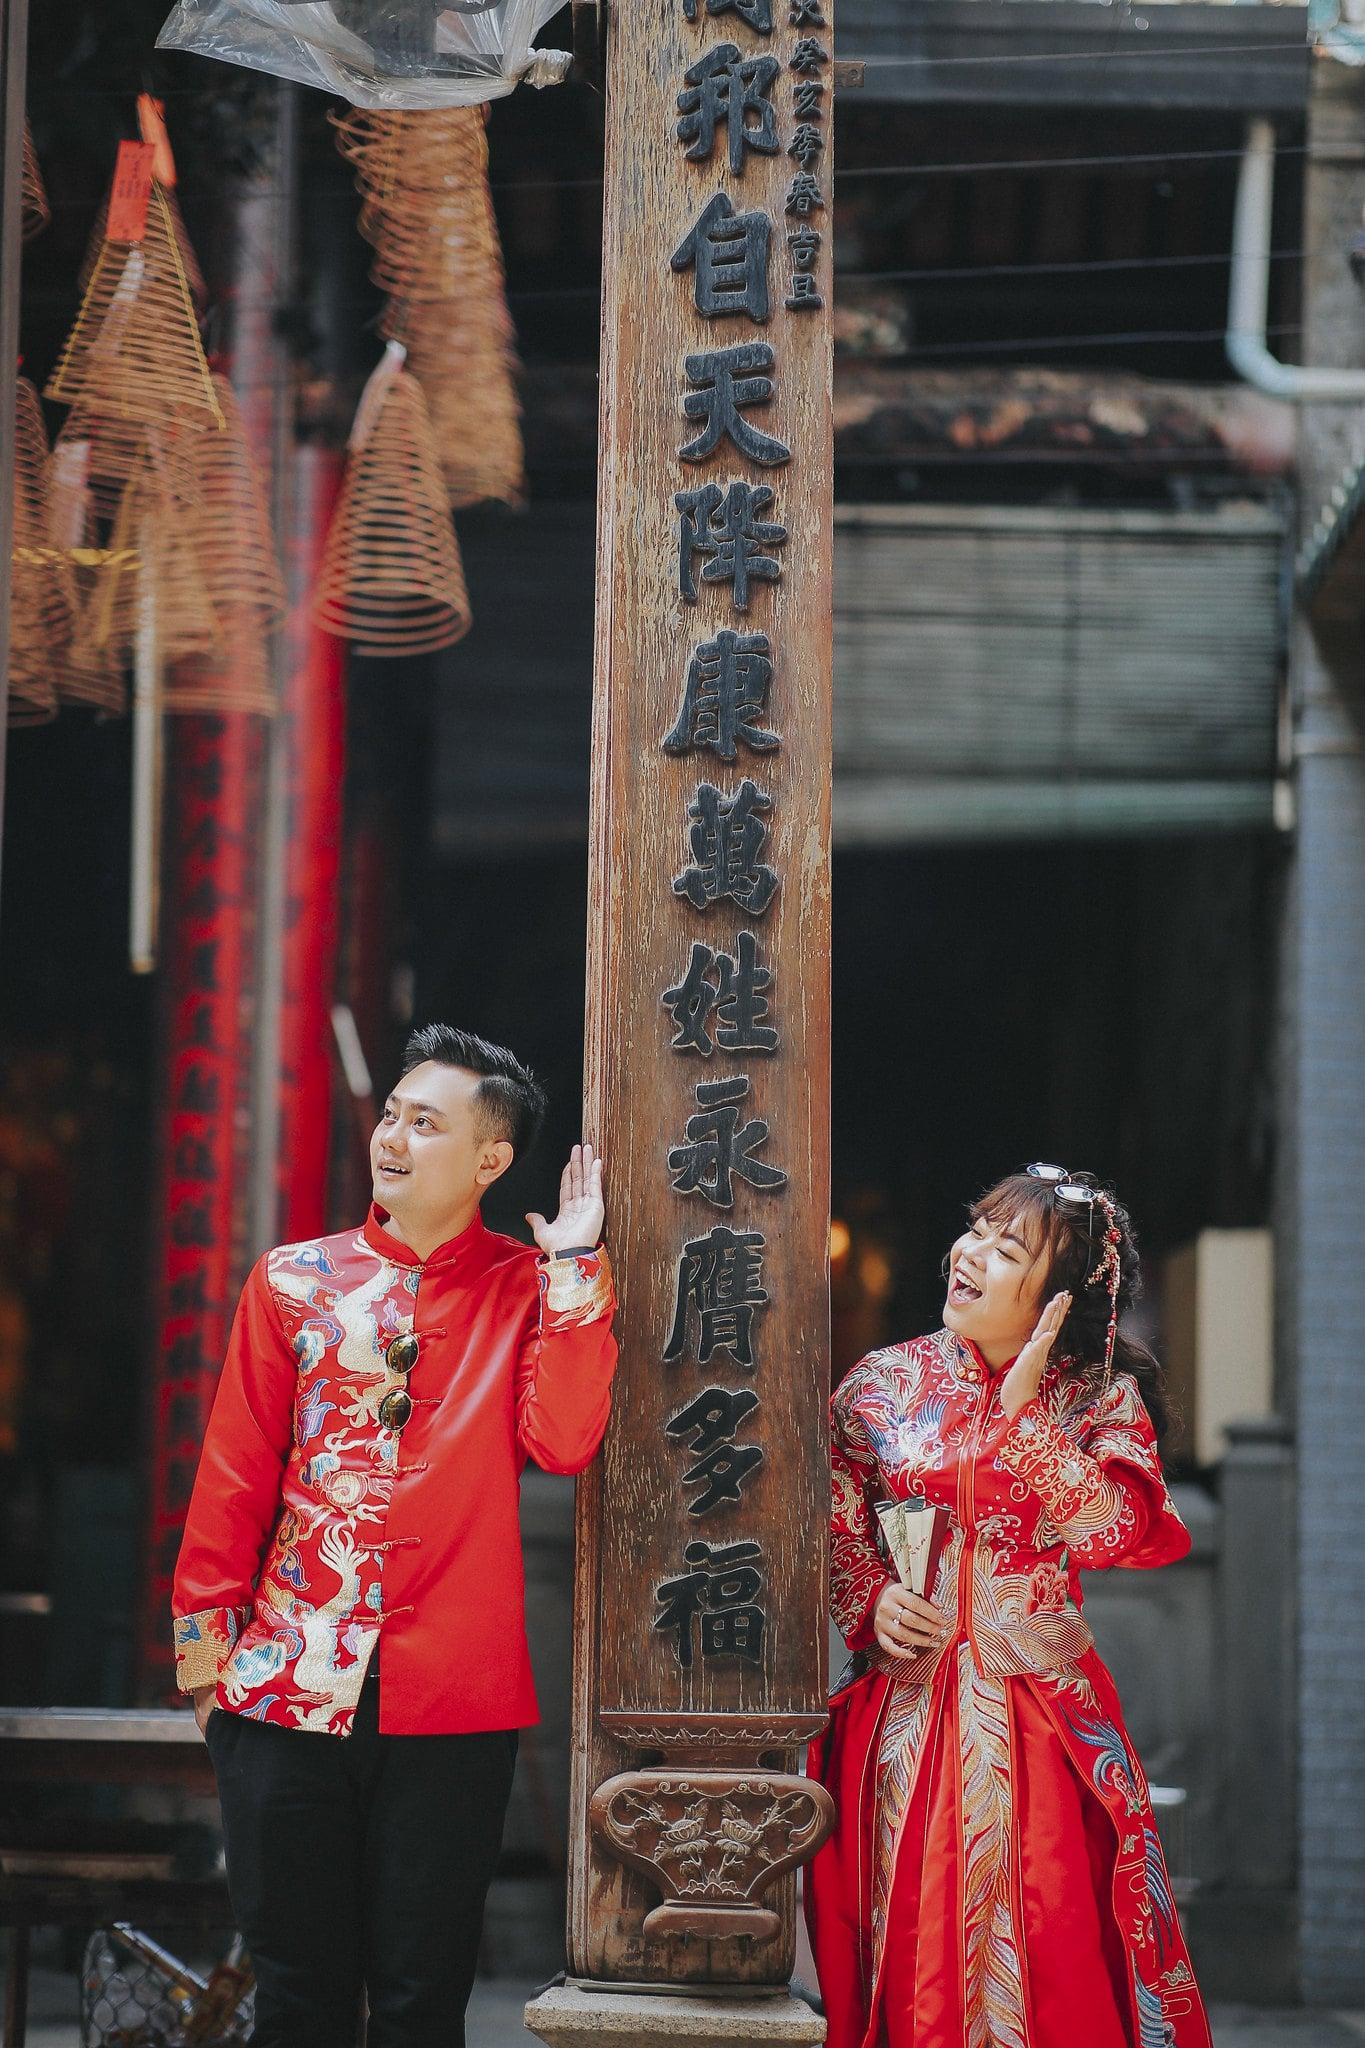 couple co trang 15 - Bộ ảnh couple cổ trang chụp tại chùa bà thiên hậu- HThao Studio